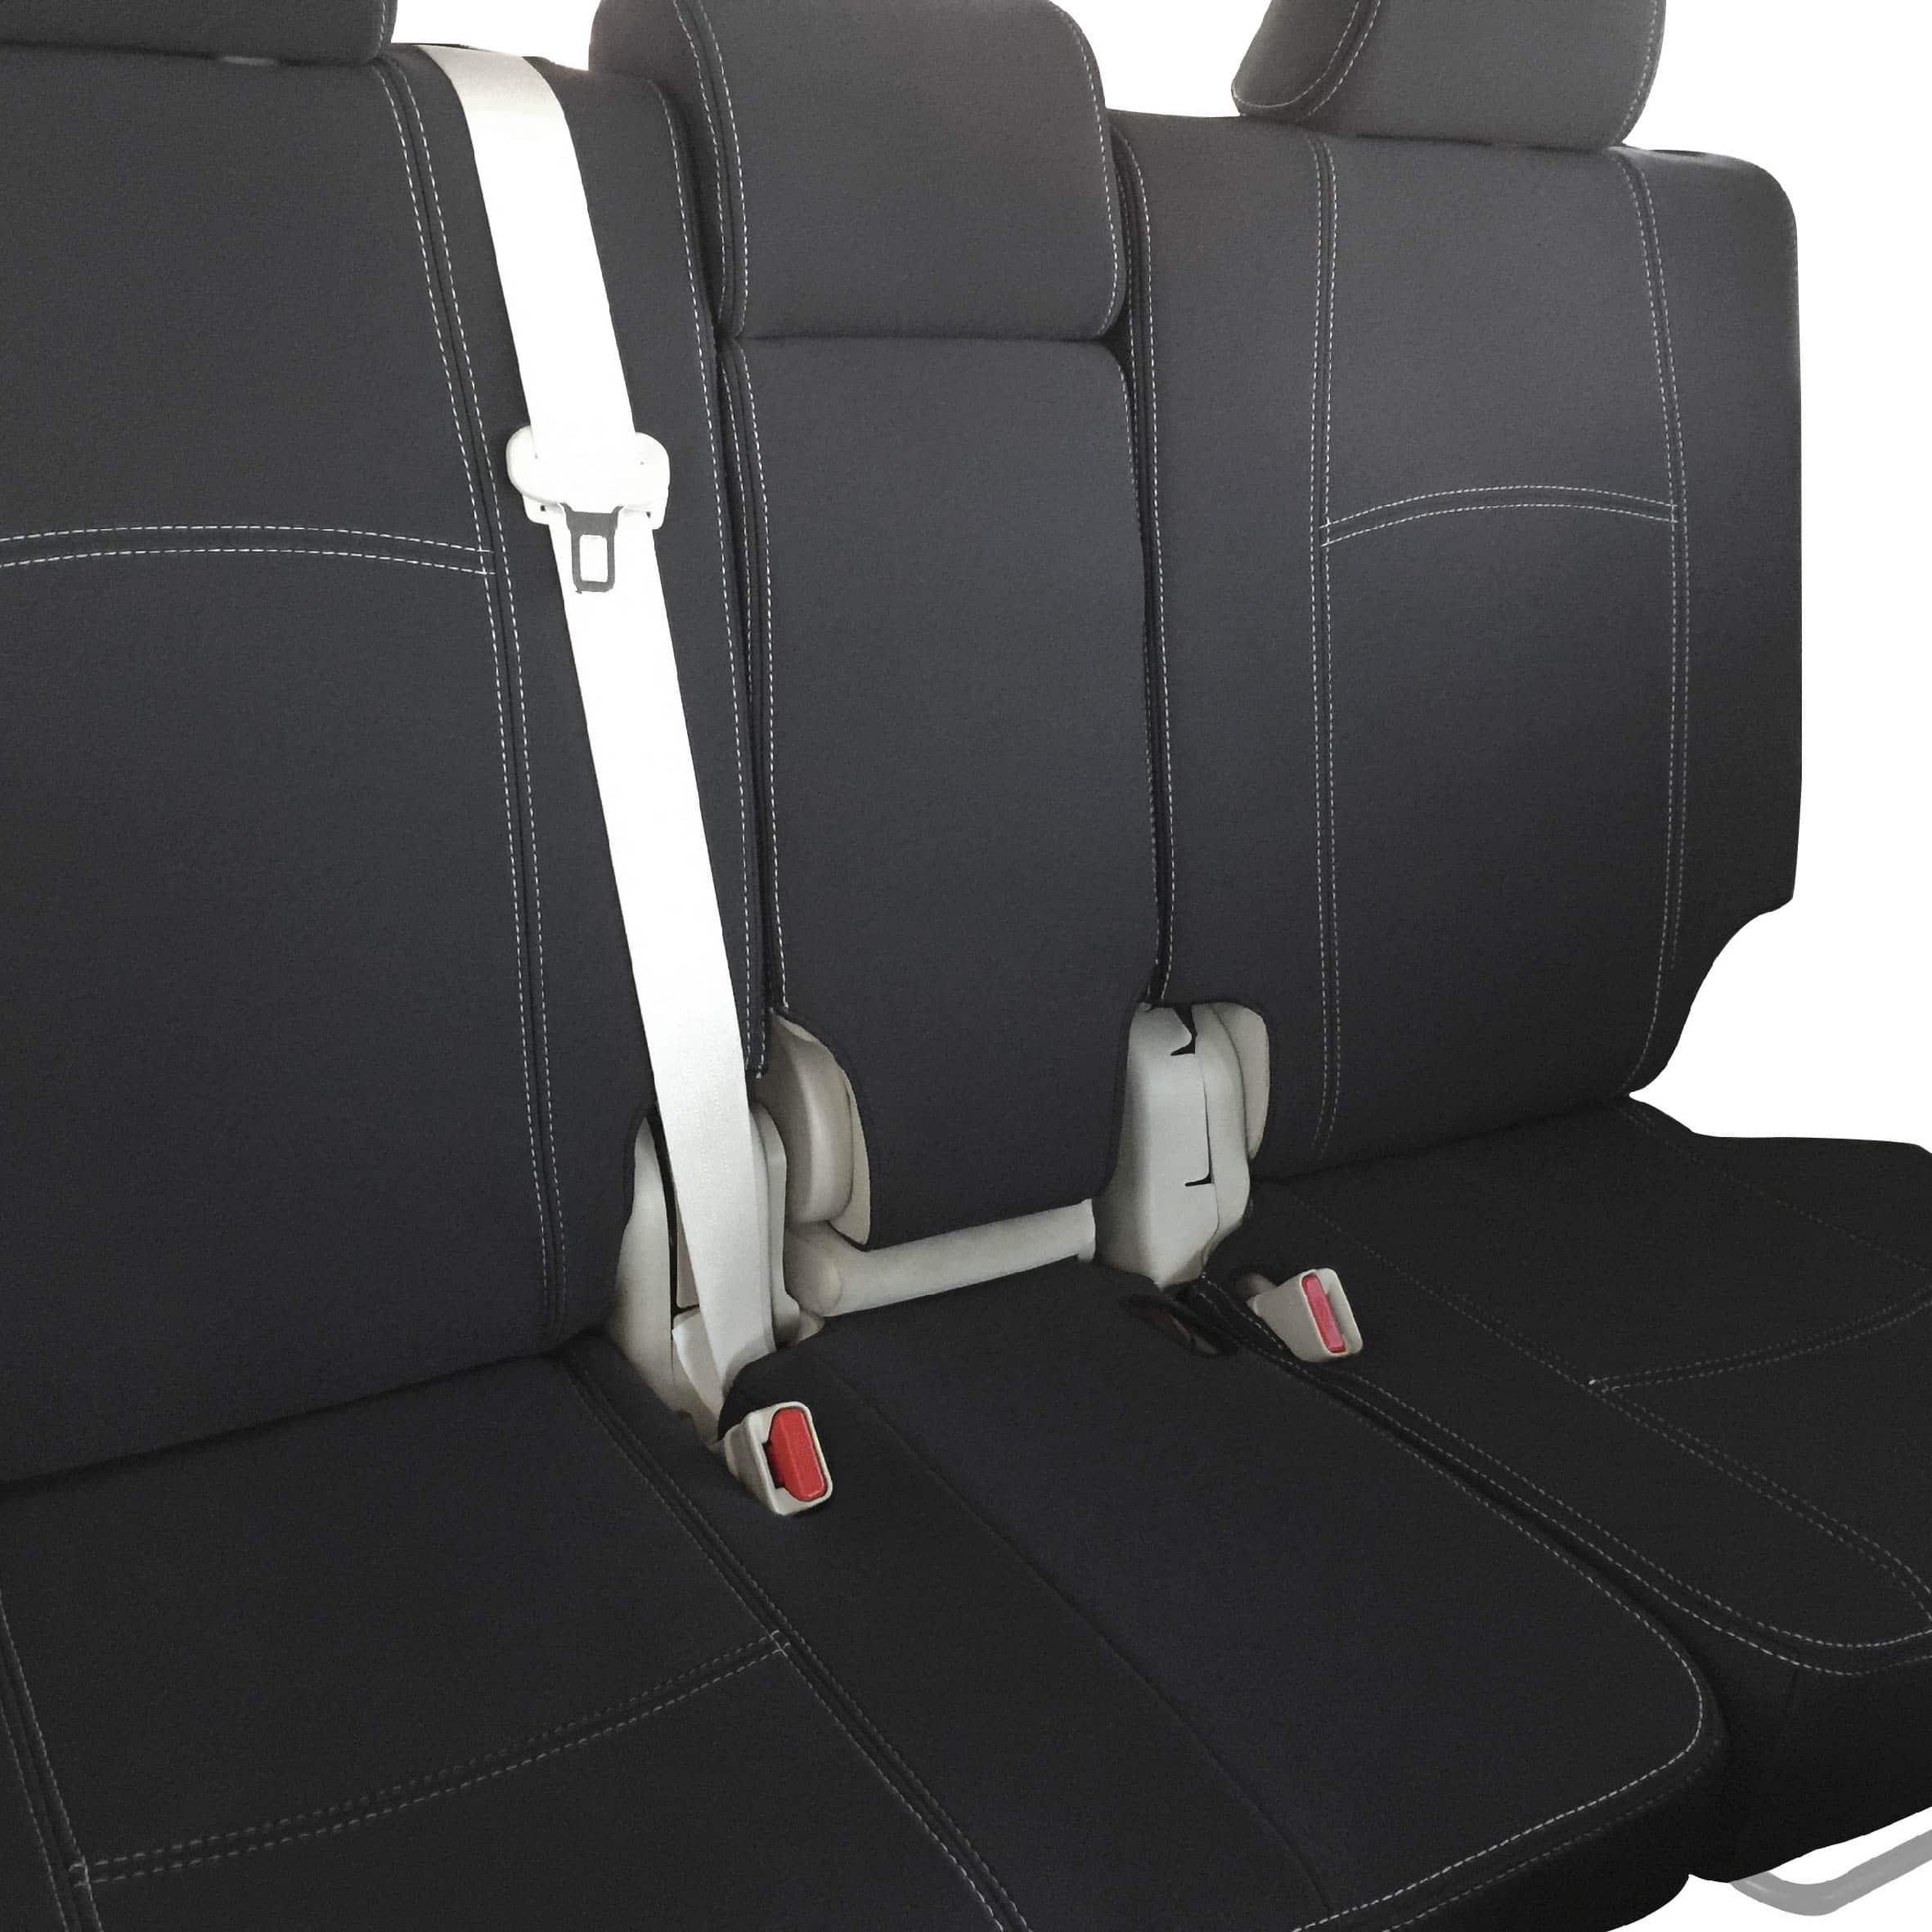 Seat Cover Fit Toyota Landcruiser 100 Series  Rear Full-back Premium Neoprene